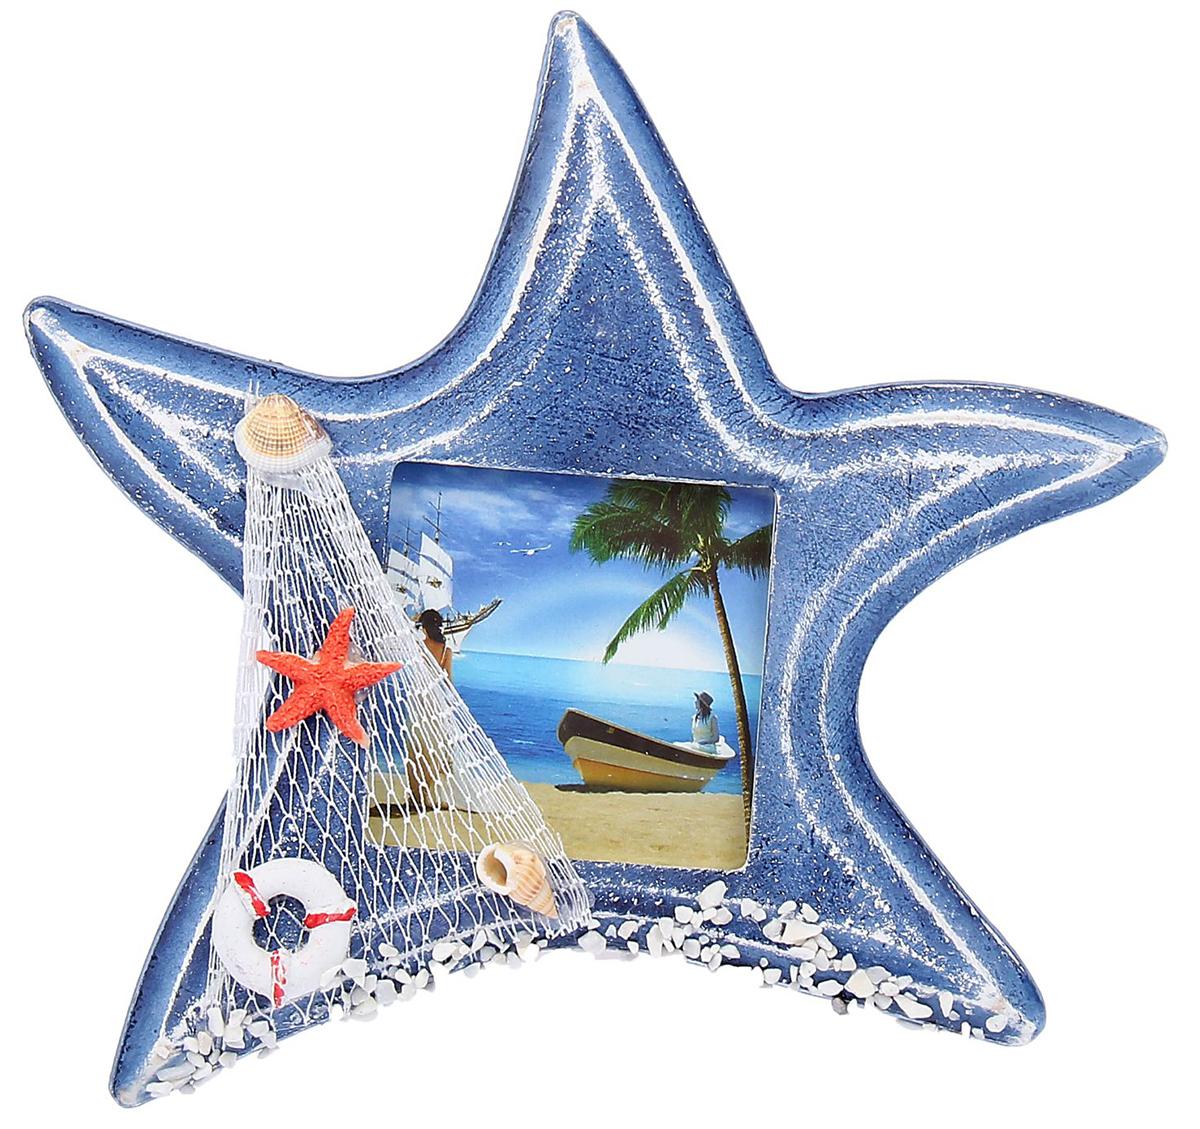 Фоторамка Звезда морская, 9 х 9 см. 11461621146162Каждому хозяину периодически приходит мысль обновить свою квартиру, сделать ремонт, перестановку или кардинально поменять внешний вид каждой комнаты. Фоторамка 9х9 см Звезда морская — привлекательная деталь, которая поможет воплотить вашу интерьерную идею, создать неповторимую атмосферу в вашем доме. Окружите себя приятными мелочами, пусть они радуют глаз и дарят гармонию. Фоторамка — необходимая вещь в каждом доме. Кроме того, это всегда нужный подарок, который уместен к любому празднику. Аксессуар не только бережно сохранит любимый снимок, но и украсит интерьер, сделает его более уютным и индивидуальным. Окружайте себя мелочами, которые день ото дня будут радовать глаз и поднимать настроение.